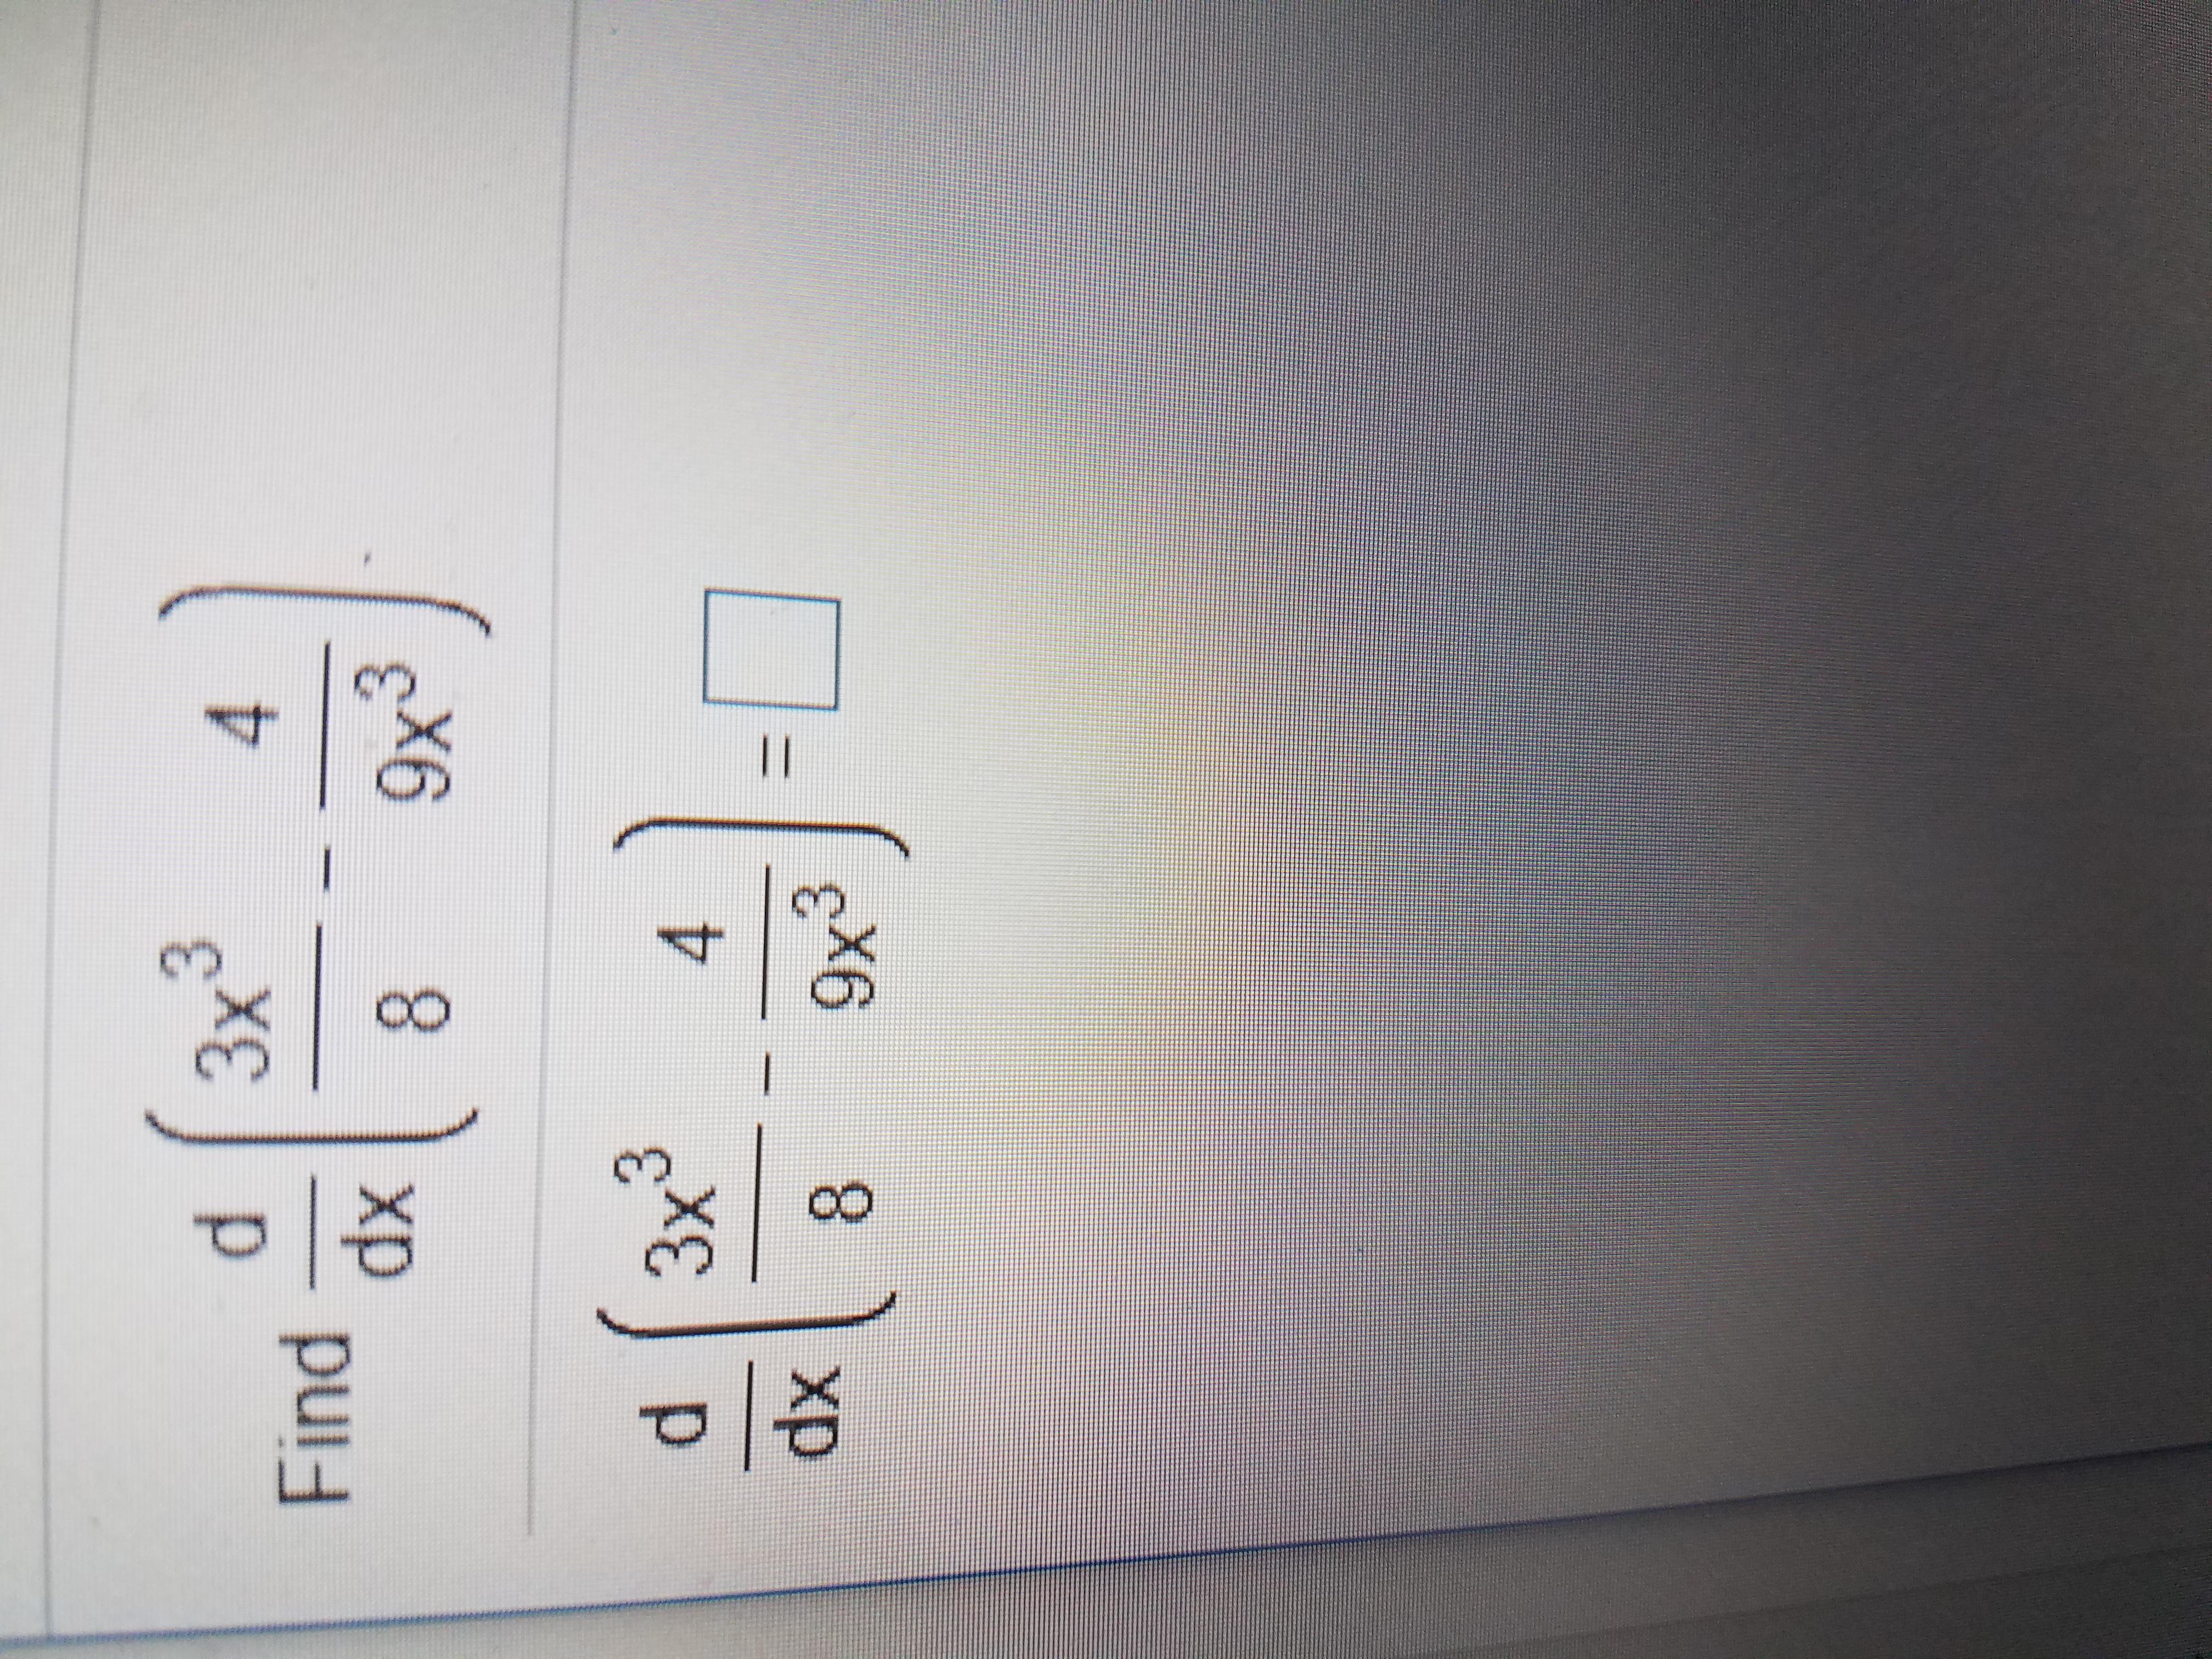 3 3x d Find dx 4 9x3 8 3 3x* 4 dx 8 9x3